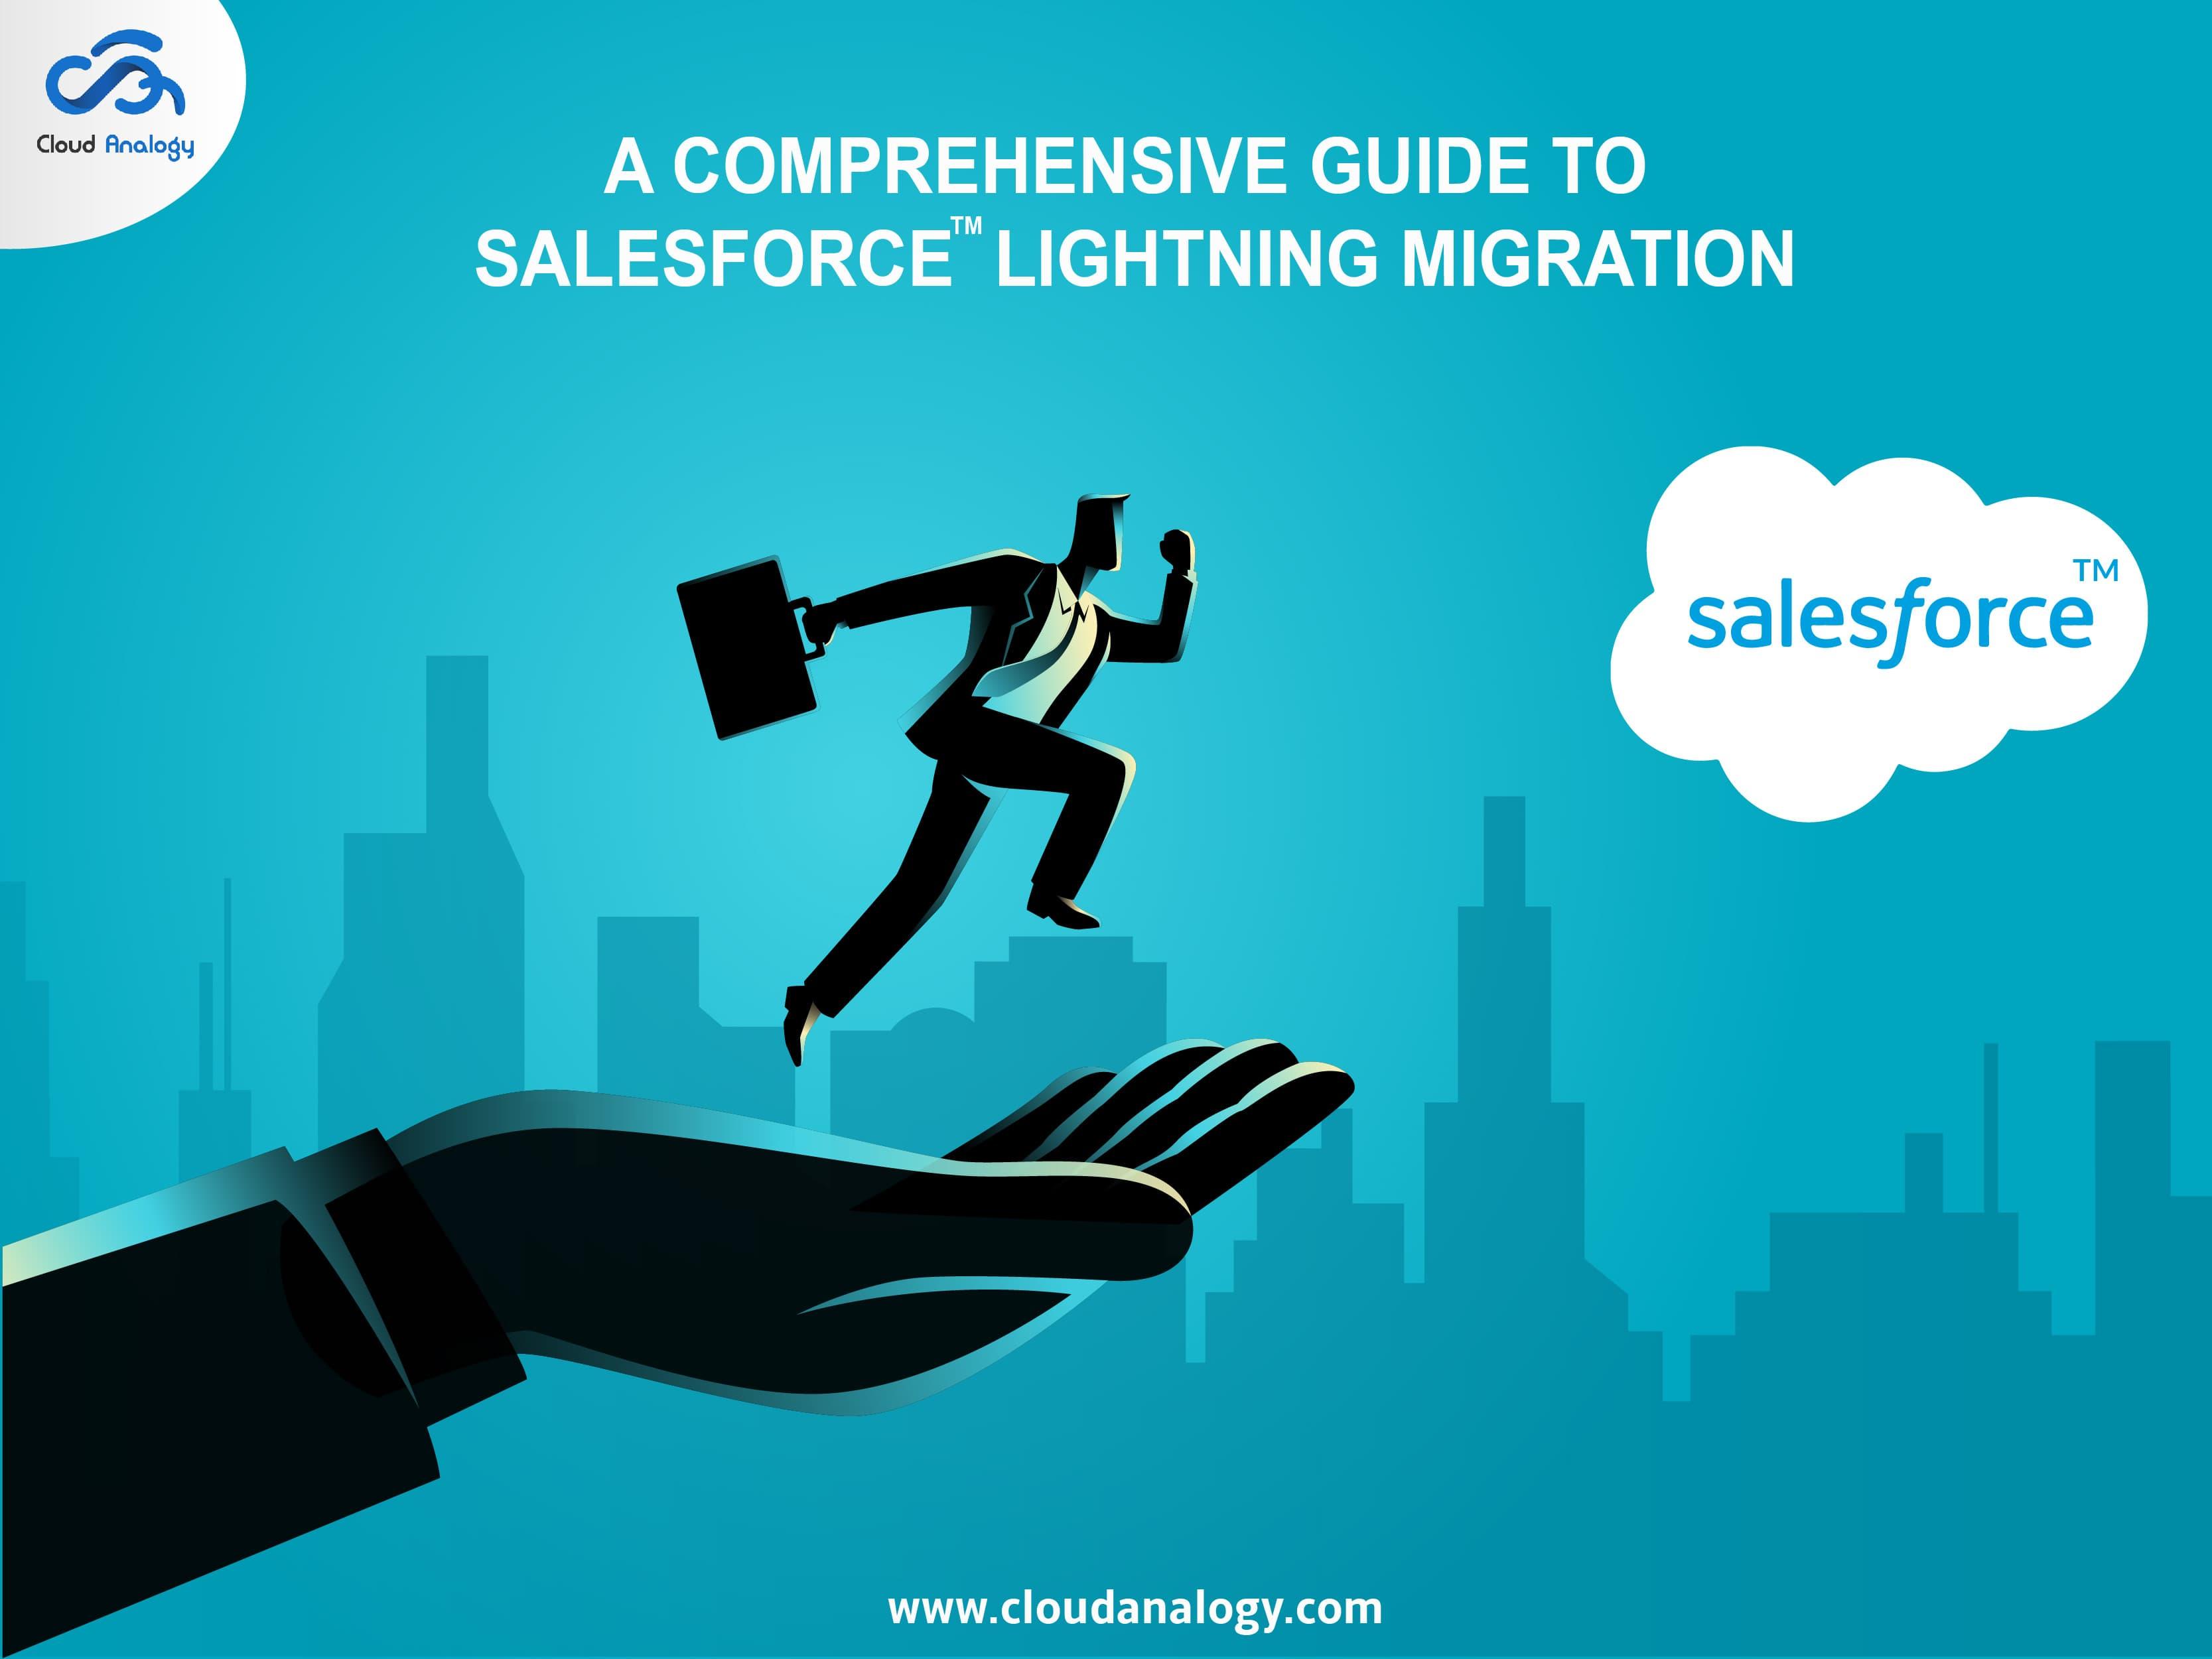 A Comprehensive Guide To Salesforce Lightning Migration